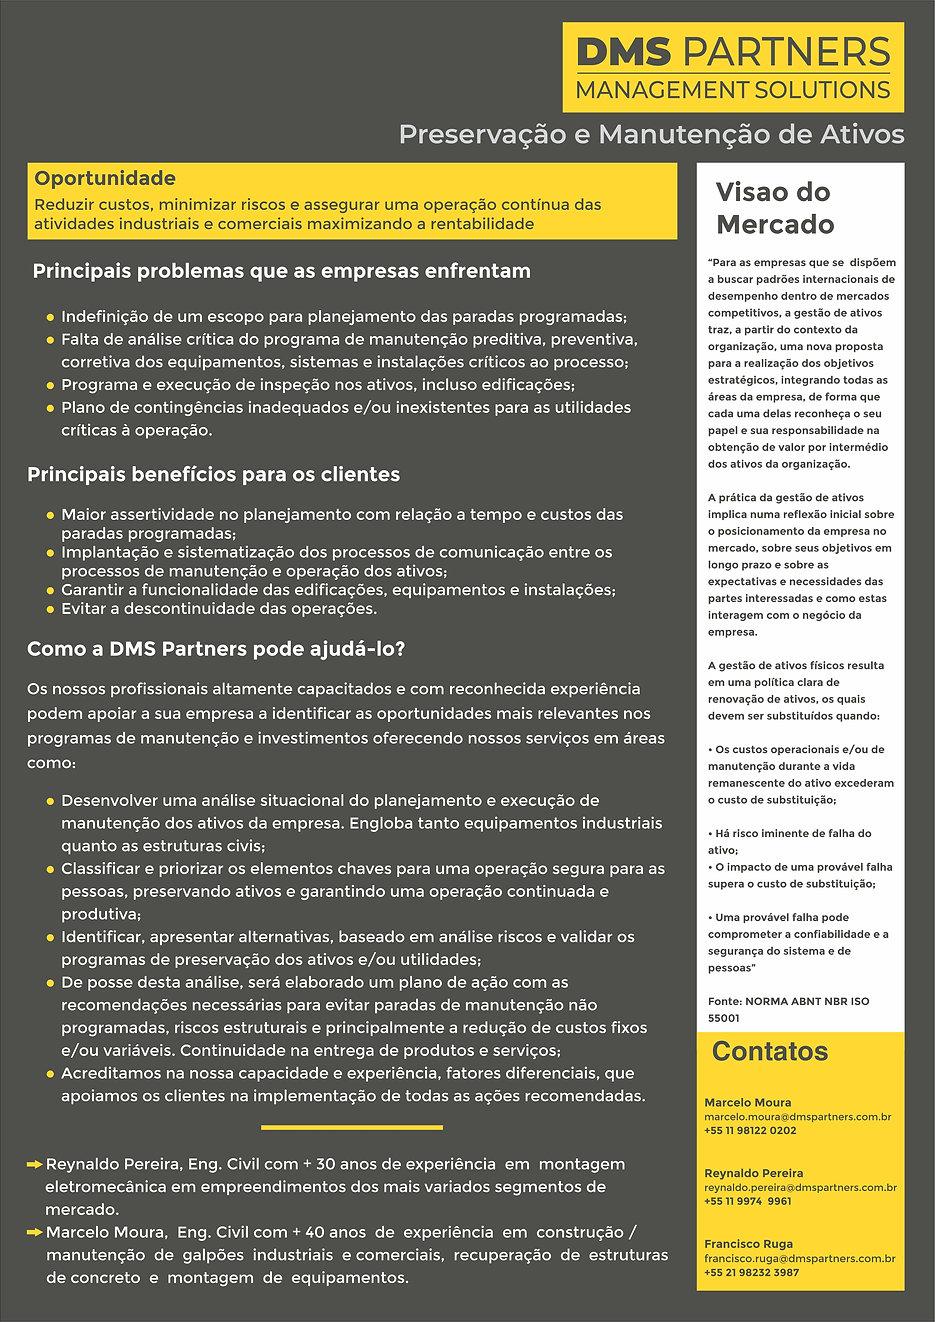 teaser_manutencao_de_ativos.jpg